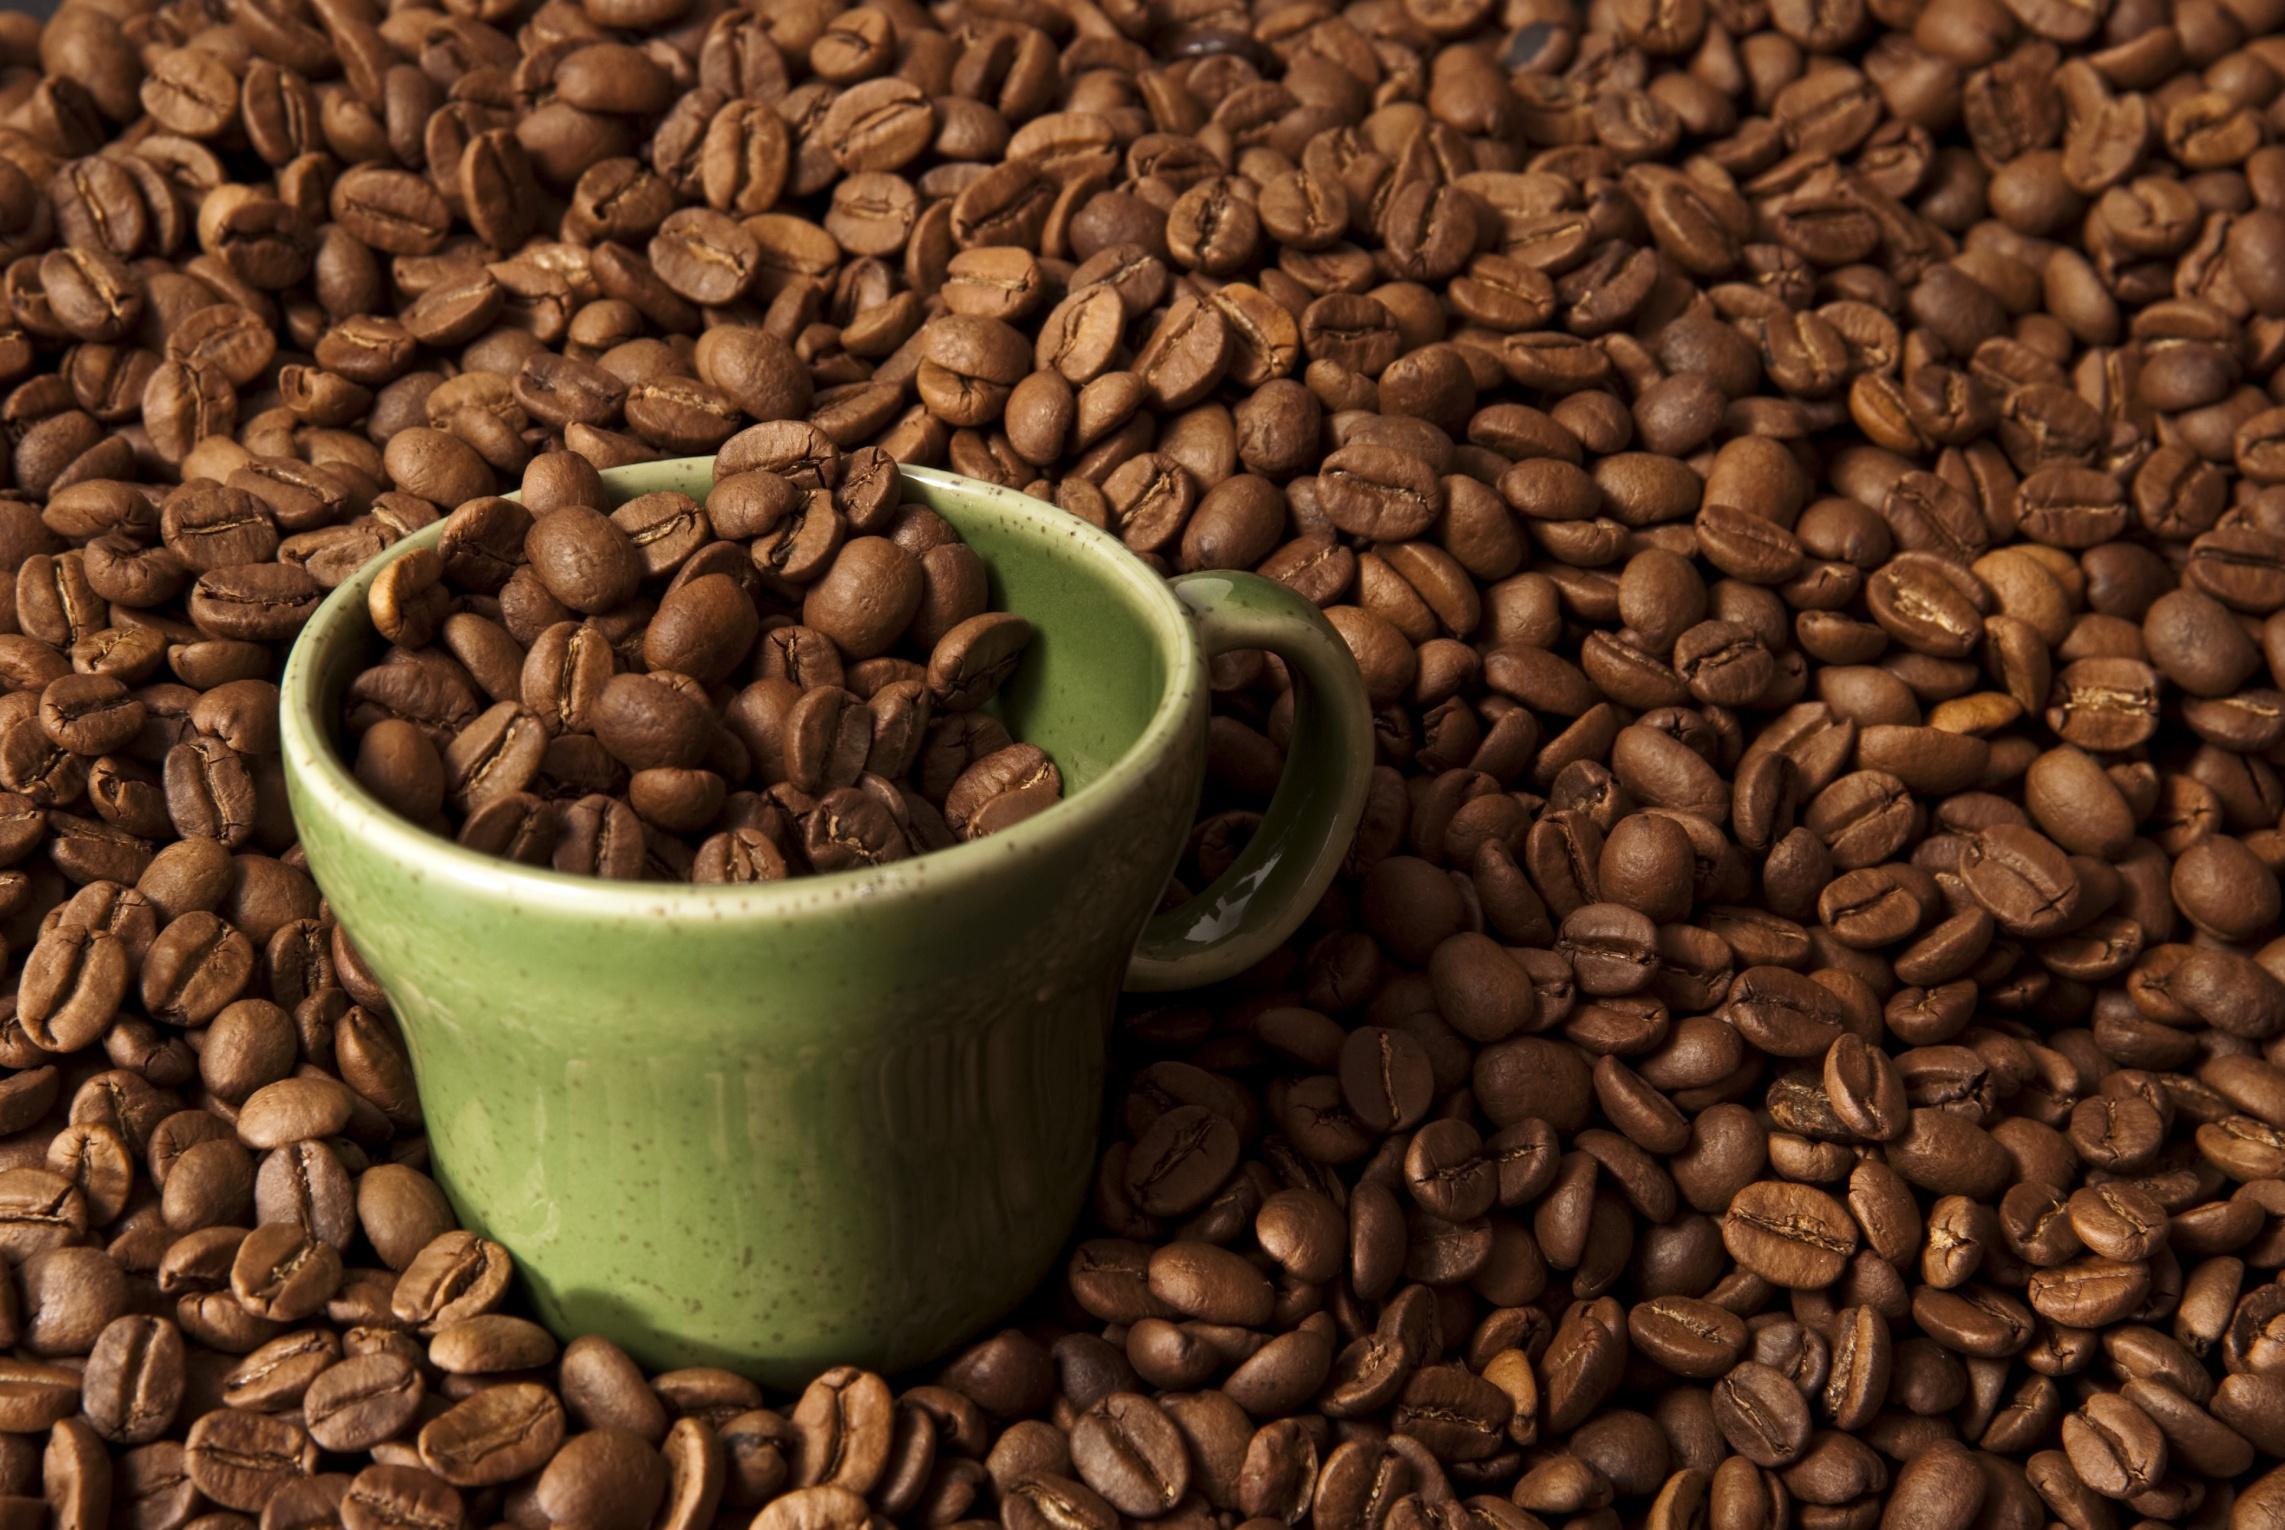 La cafeína, es uno de los principales ingredientes en los tratamientos contra la celulitis